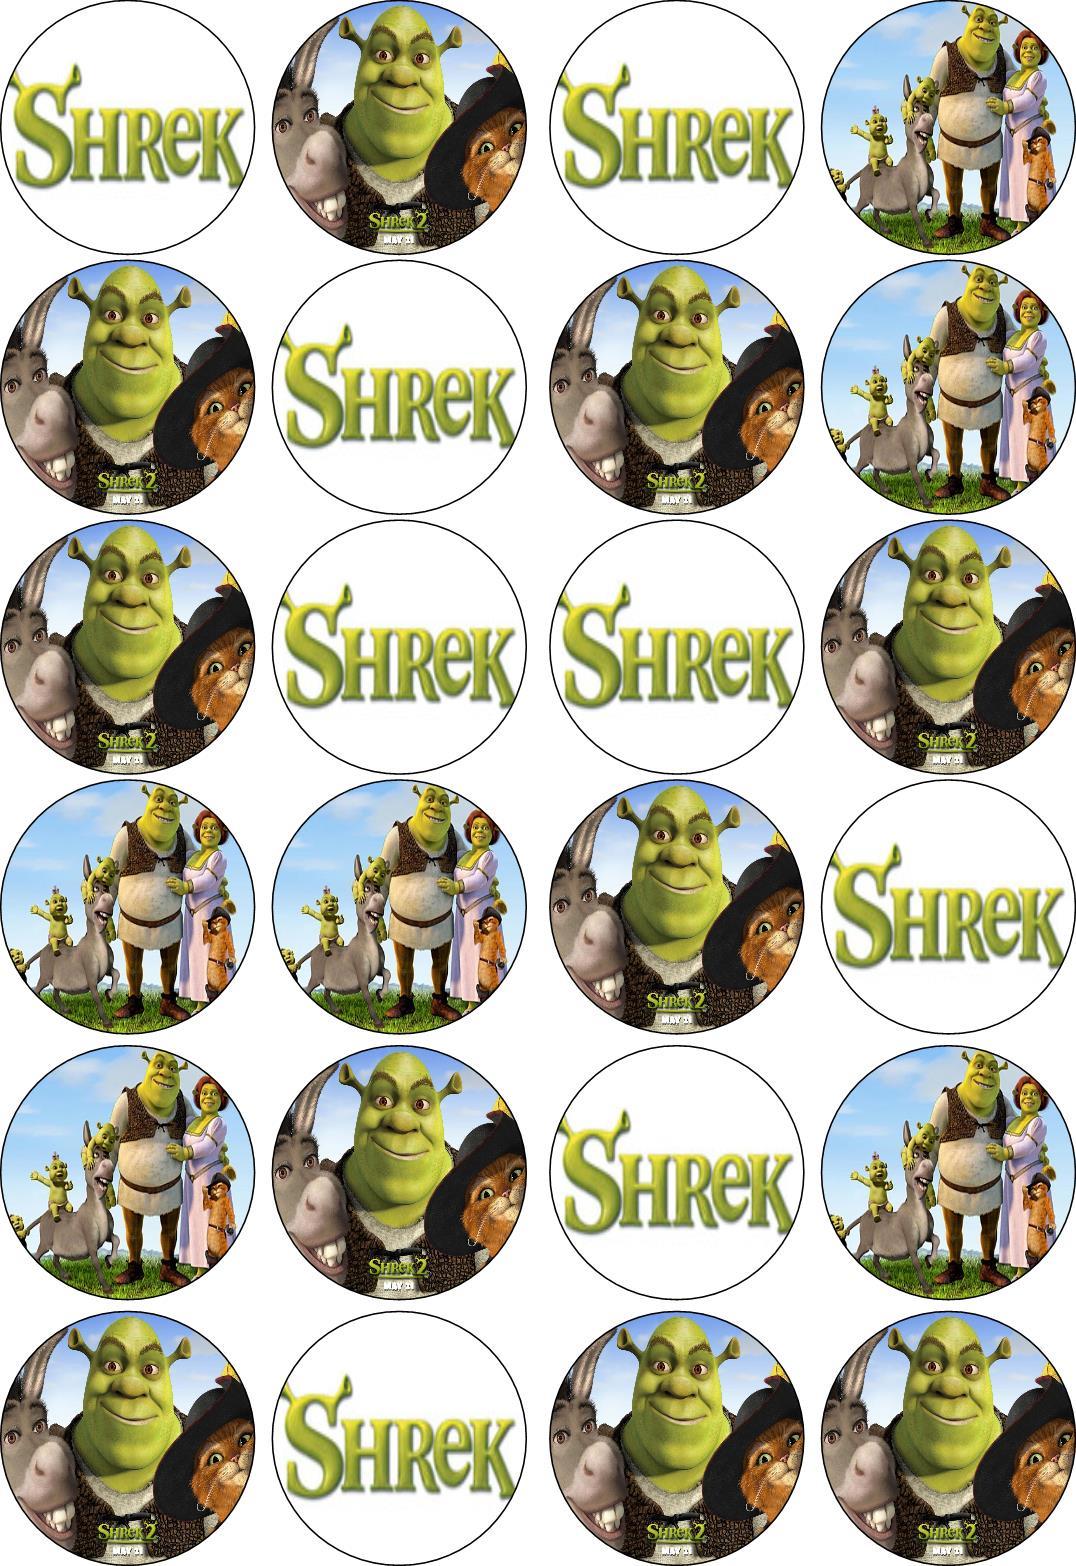 Festa shrek | Shrek Party | Pinterest | Shrek, Birthdays and ...